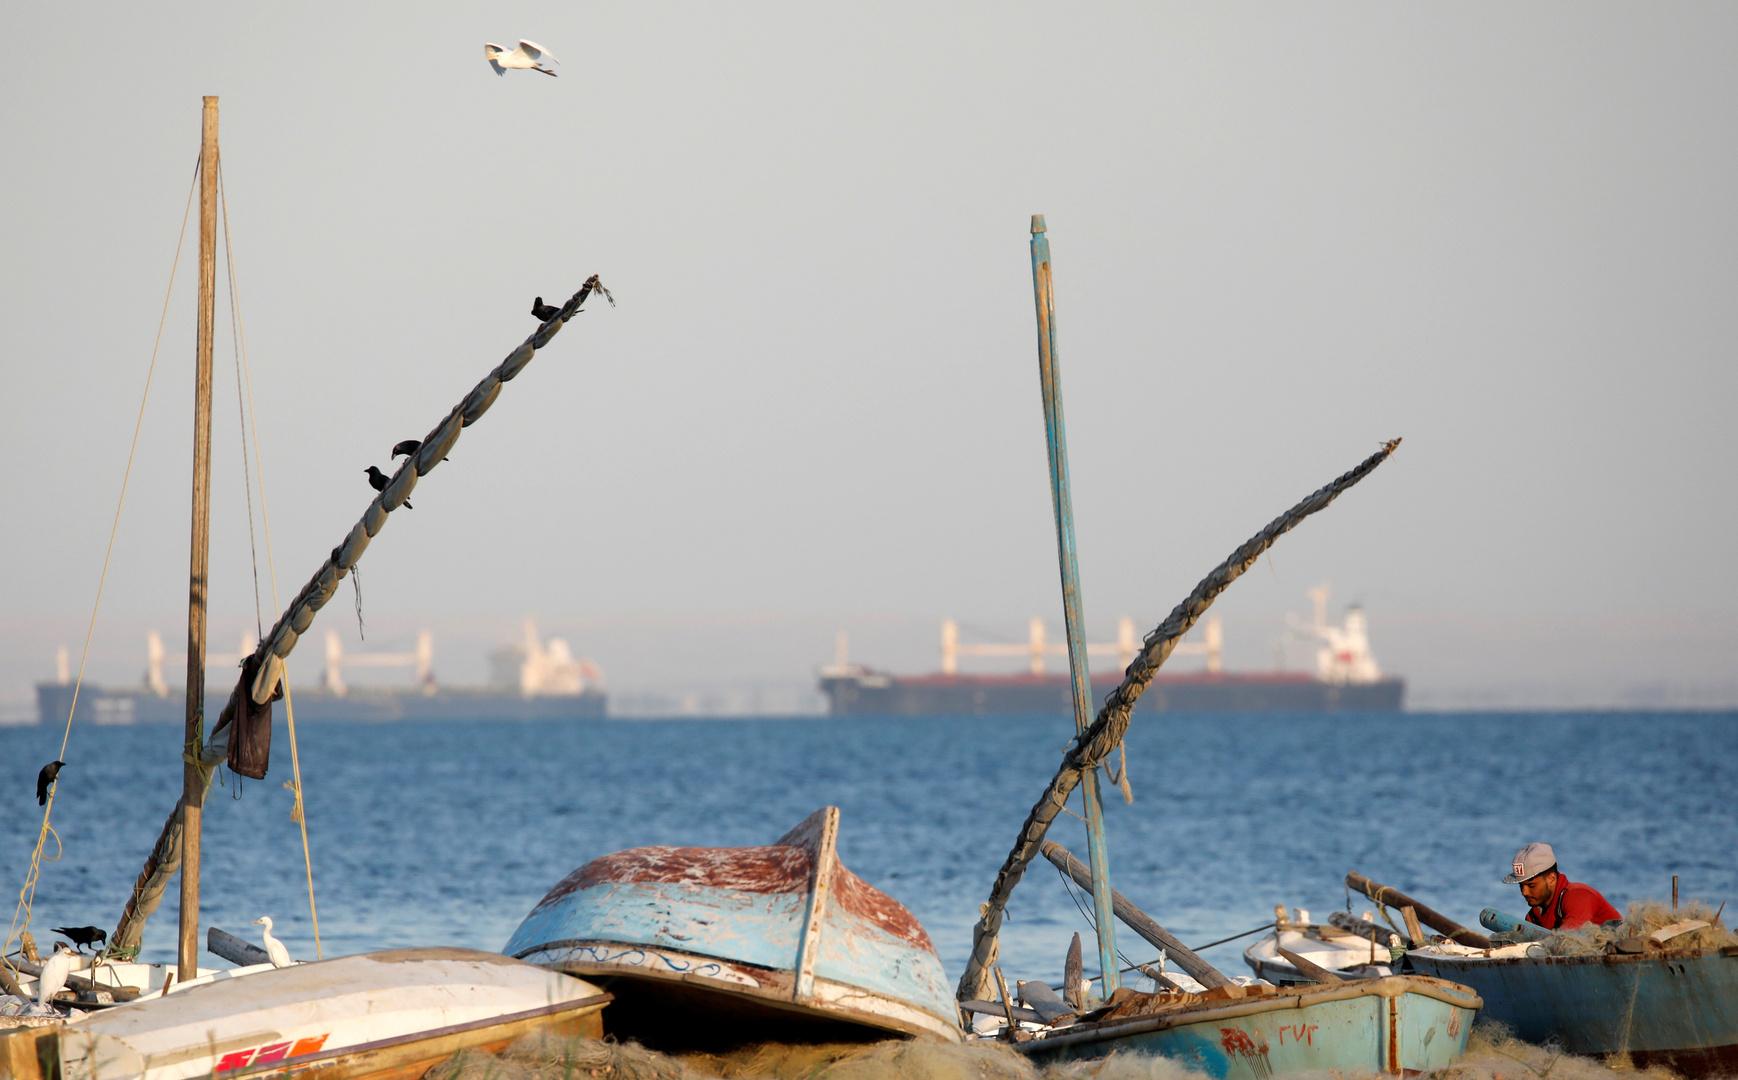 مصر تغلق ميناءين على المتوسط لسوء الأحوال الجوية